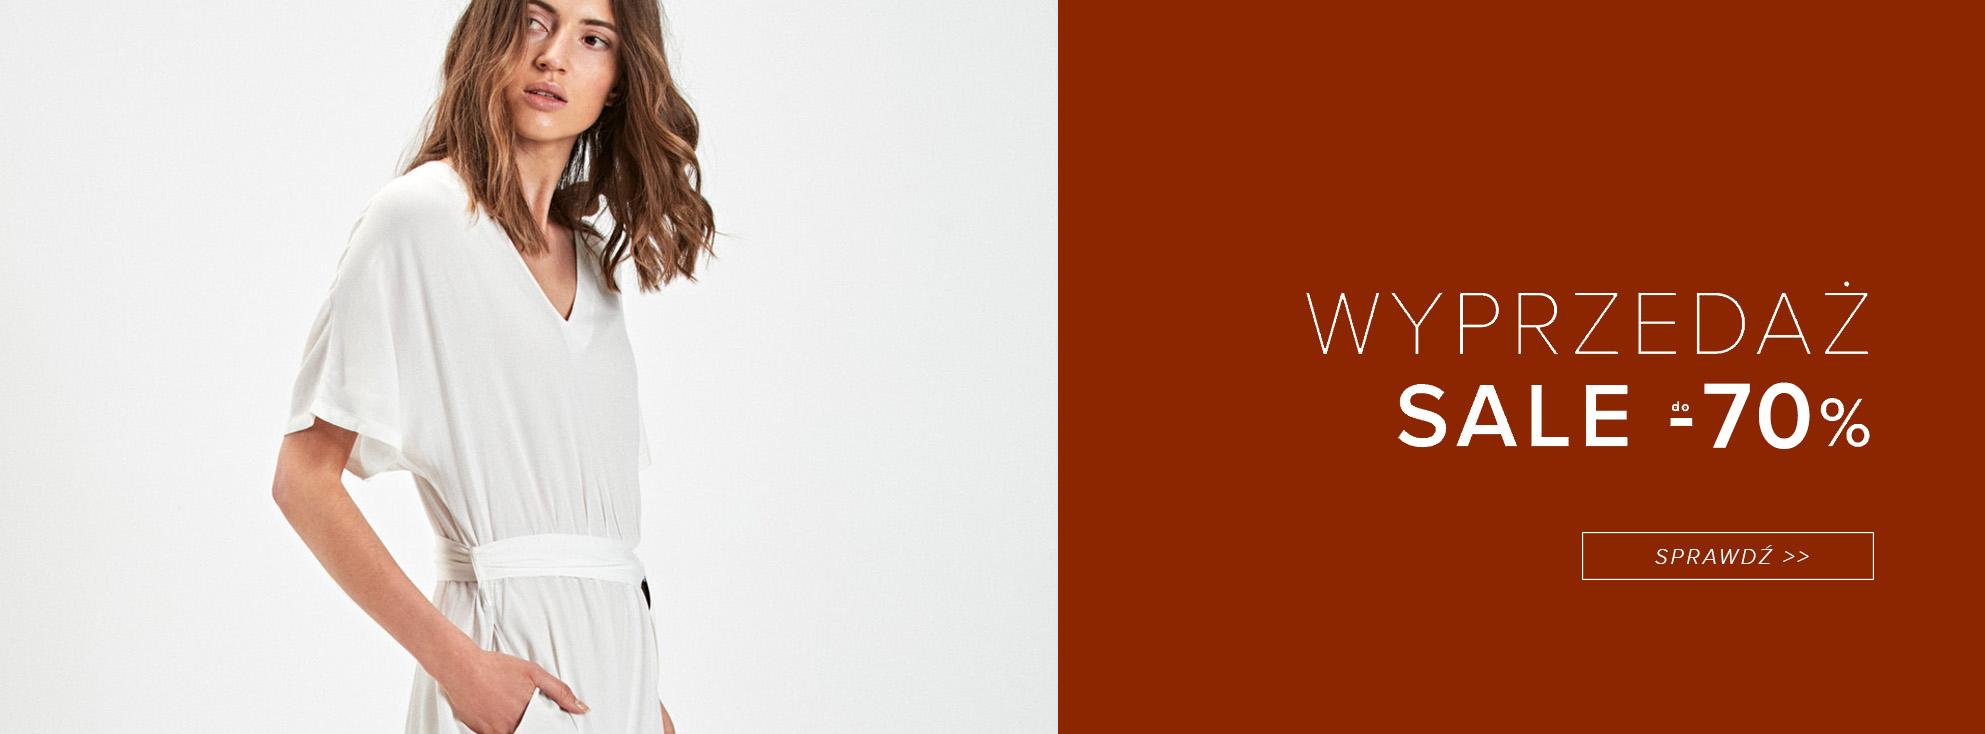 Patrizia Aryton Patrizia Aryton: wyprzedaż do 70% zniżki na elegancką odzież damską